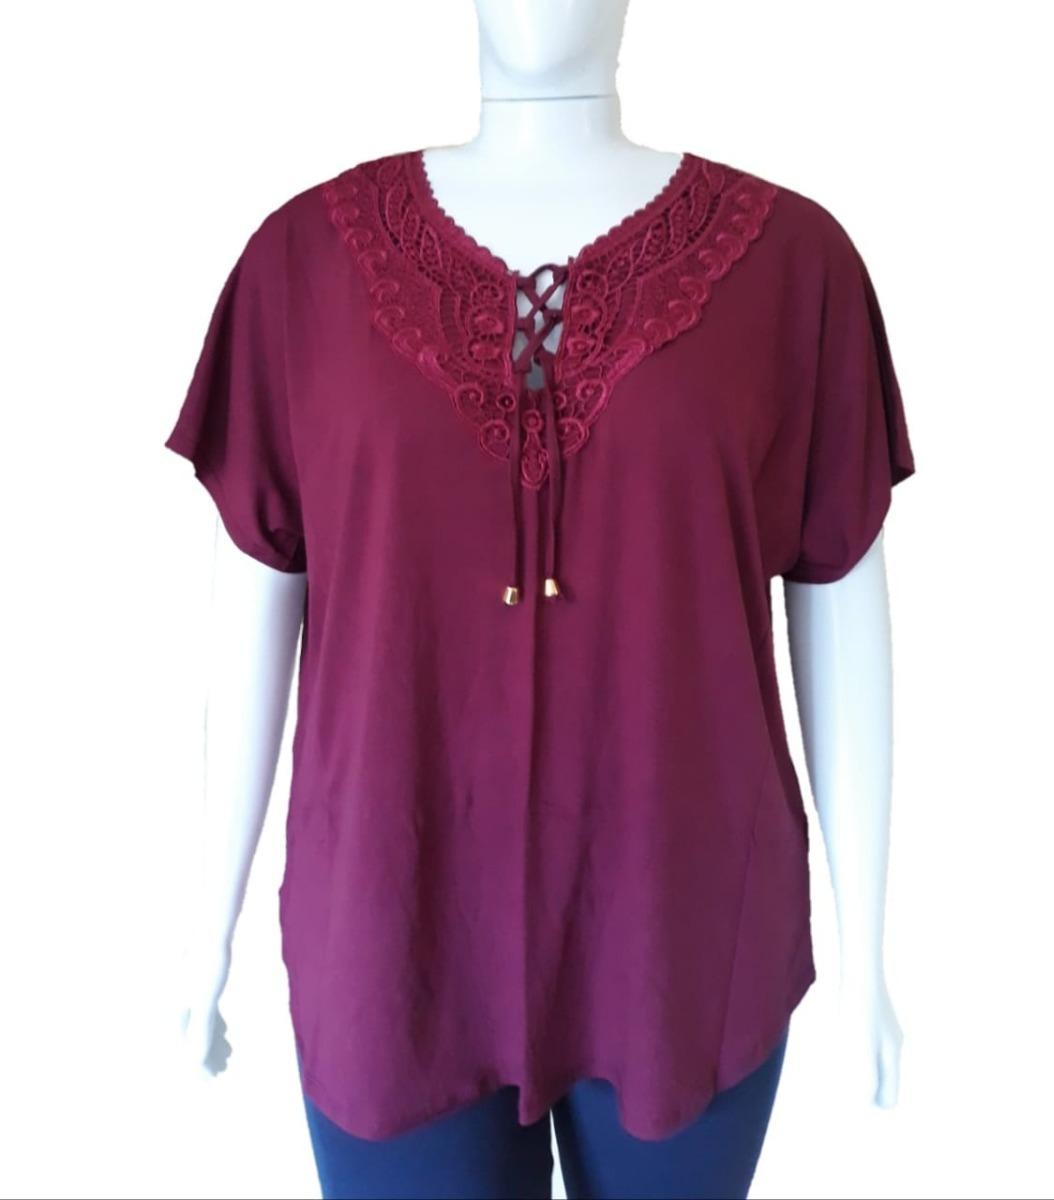 589e723f7a blusa camiseta feminina plus size grande veste 54 ao 60. Carregando zoom.